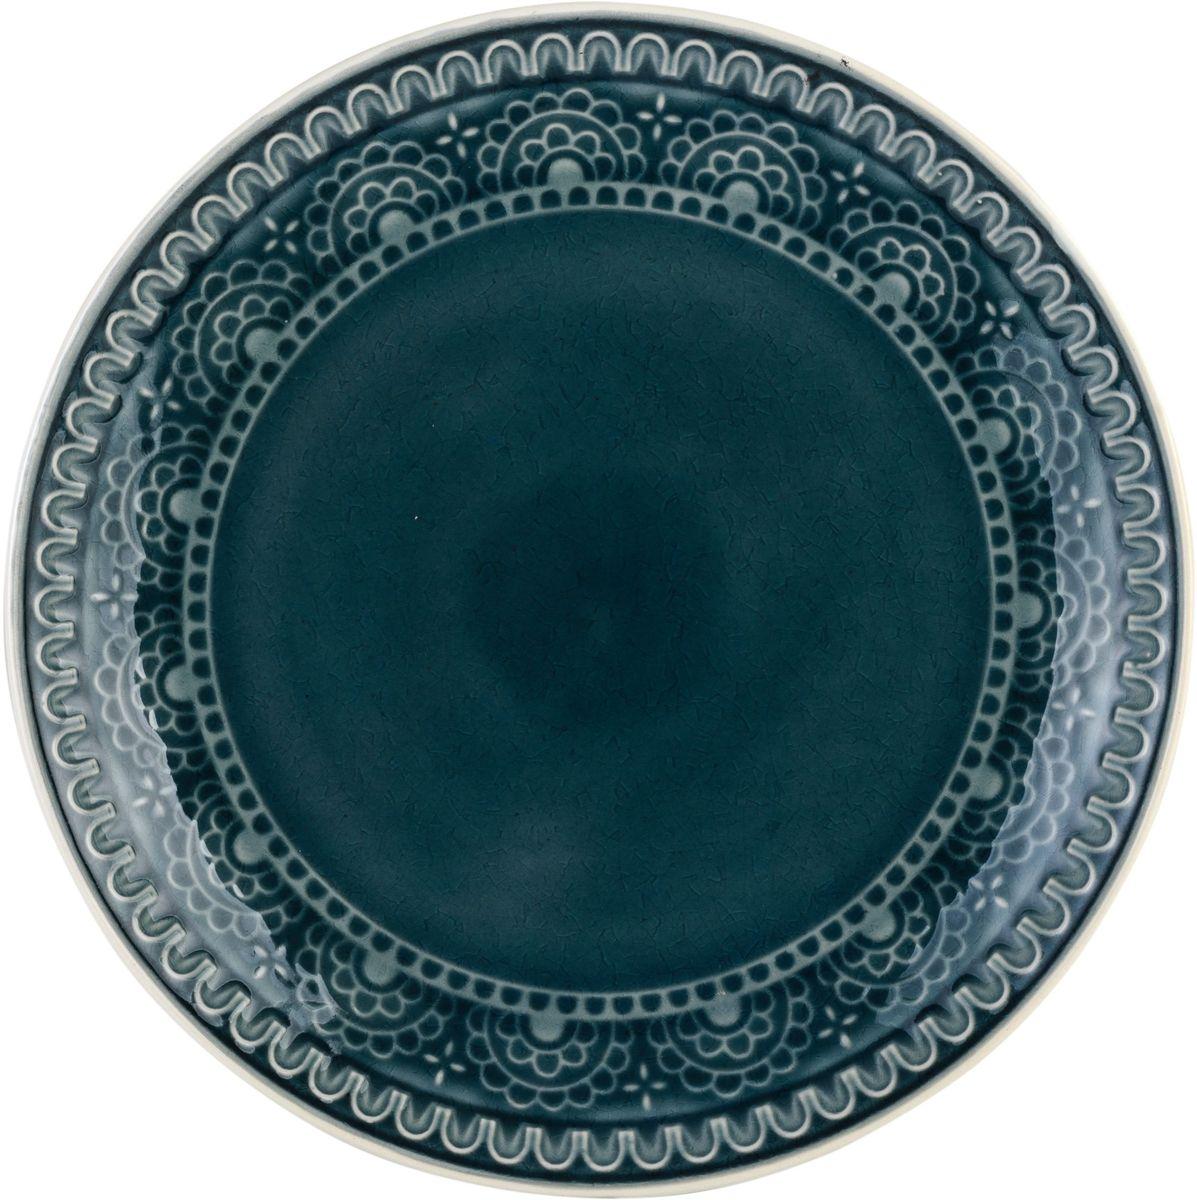 Набор обеденных тарелок Tongo, цвет: темно-серый, диаметр 26,7 см, 4 штPL-267g Tongo Набор тарелок обеденныхНабор Tongo состоит из 4 обеденных тарелок. Изделия изготовлены из экологически чистой каменной керамики, покрытой сверкающей глазурью и оформлены этническим рельефным орнаментом Индонезии. Поверхность слегка потрескавшаяся, что придает посуде винтажный вид и оттенок старины.Такой набор прекрасно подходит как для торжественных случаев, так и для повседневного использования. Идеальны для подачи вторых блюд. Тарелки прекрасно оформят стол и станут отличным дополнением к вашей коллекции кухонной посуды.